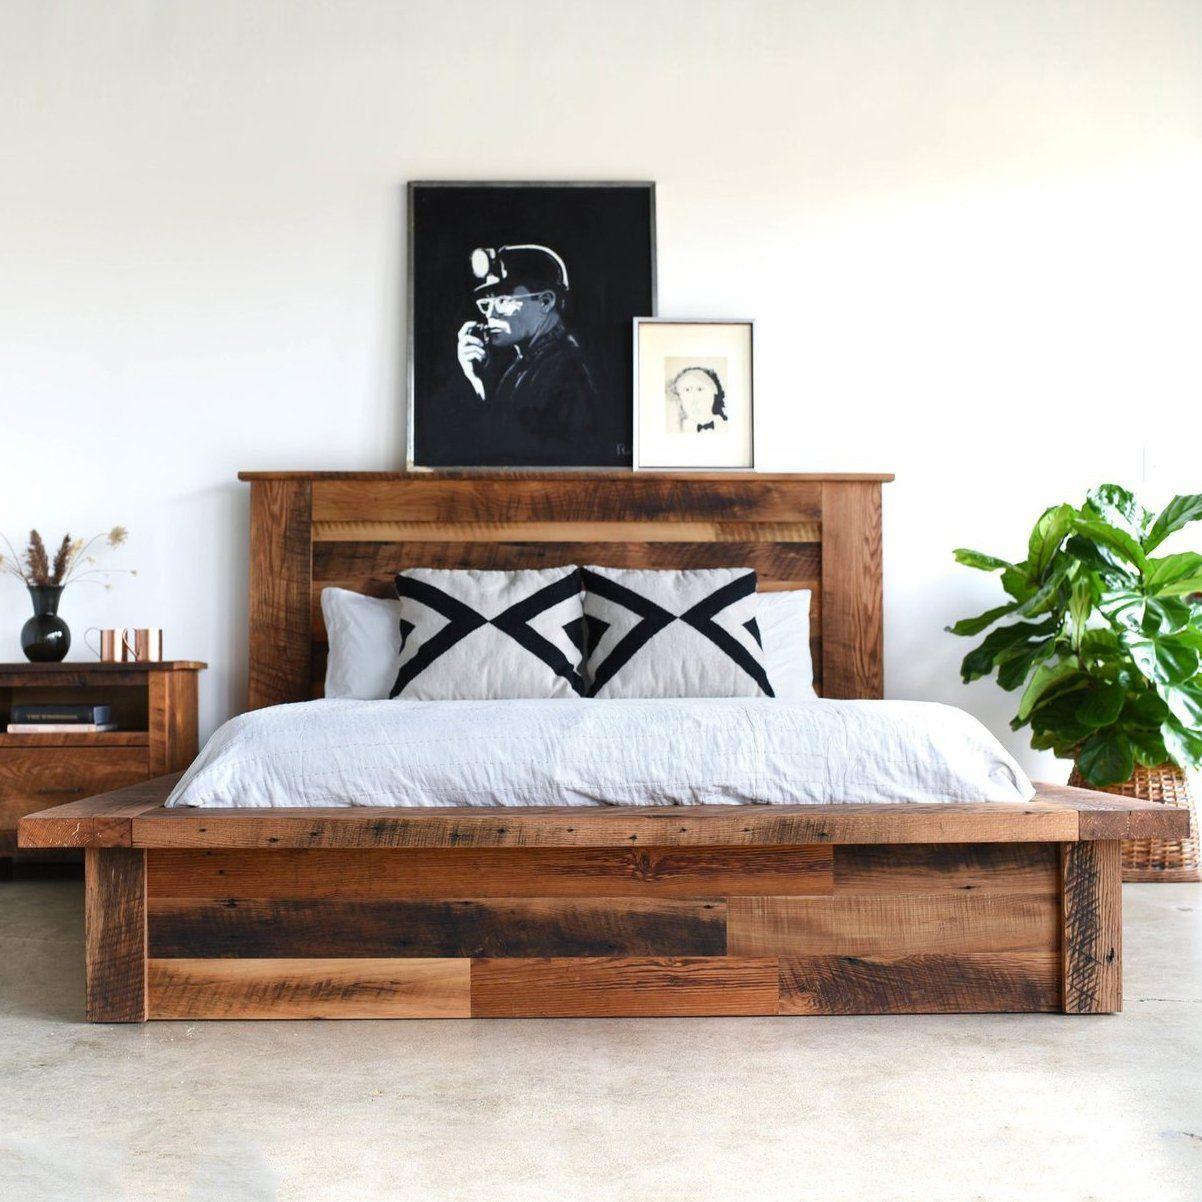 Reclaimed Wood Platform Bed Wood Platform Bed Raised Platform Bed Wooden Platform Bed